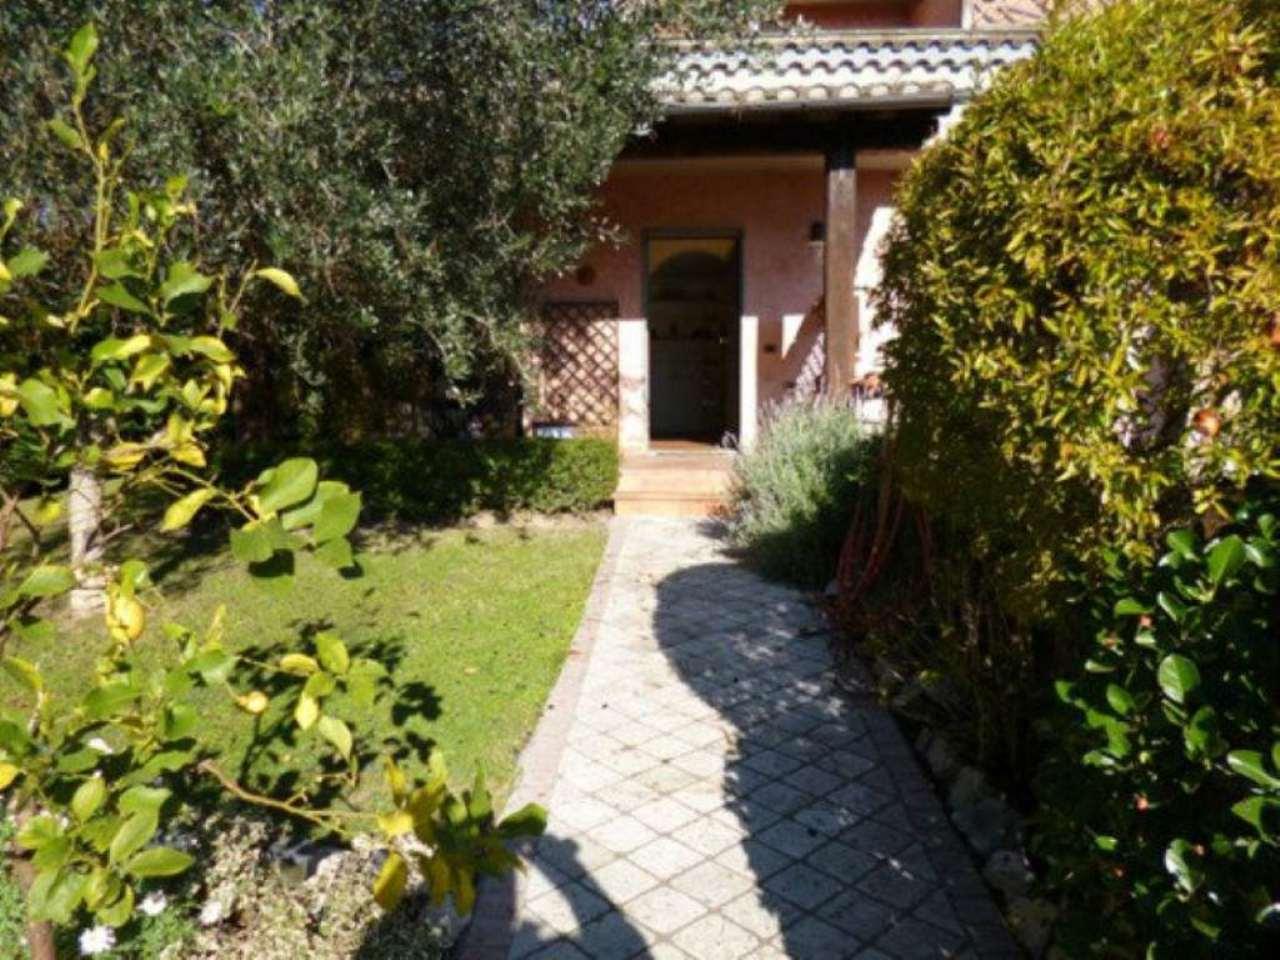 Villa Bifamiliare in vendita a Campagnano di Roma, 7 locali, prezzo € 410.000   Cambio Casa.it